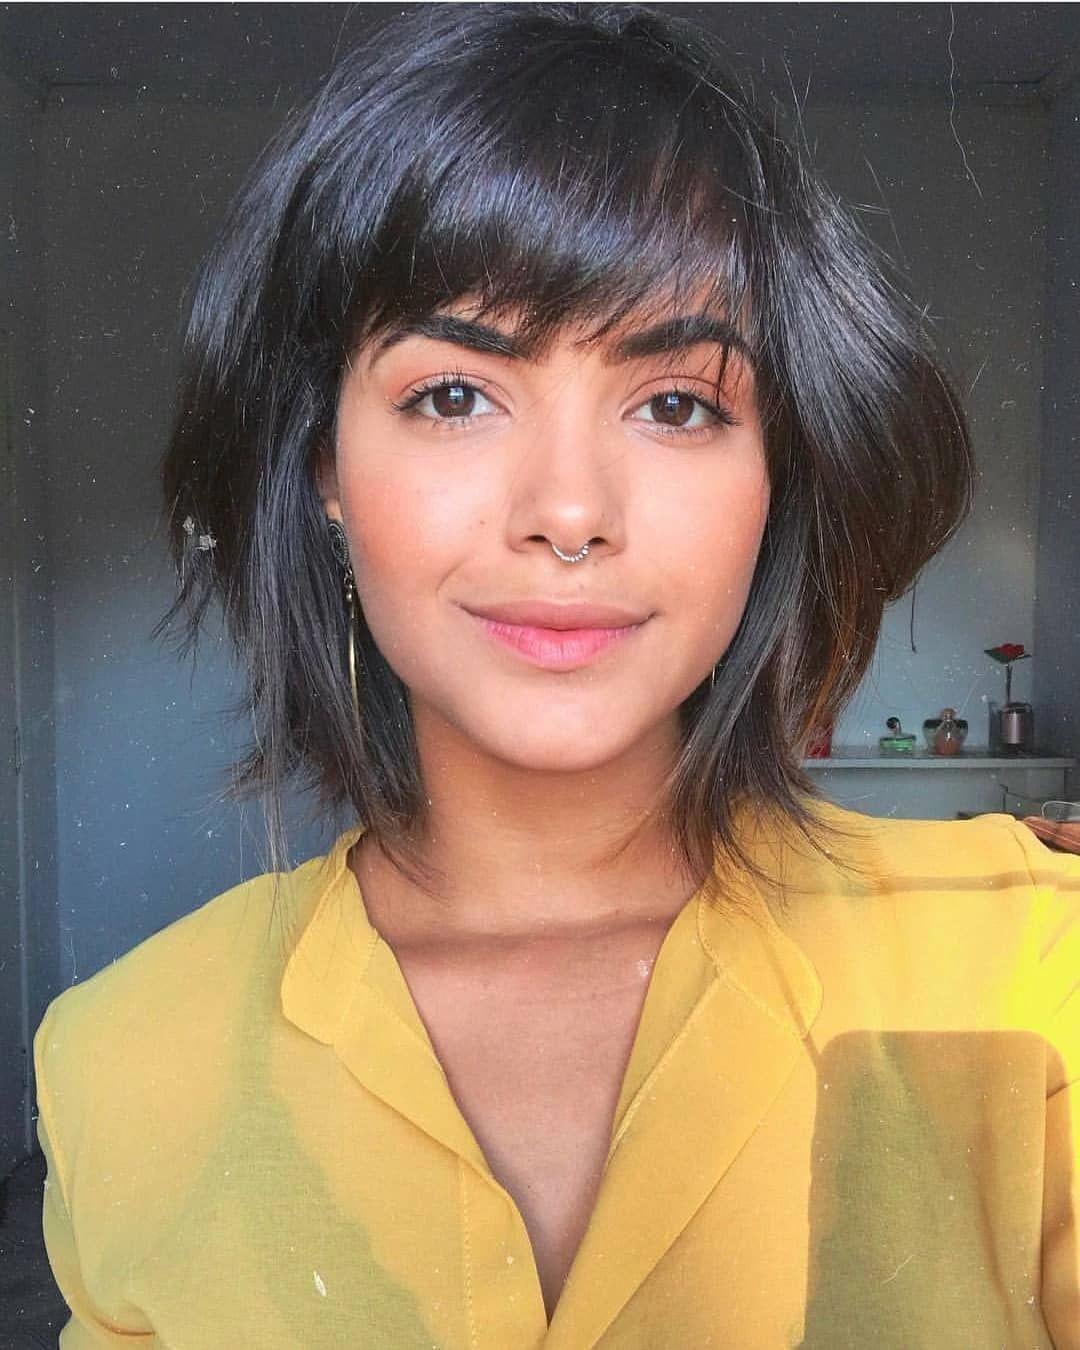 Cute Short Bob Haircut for female, New Haircut Ideas for ...